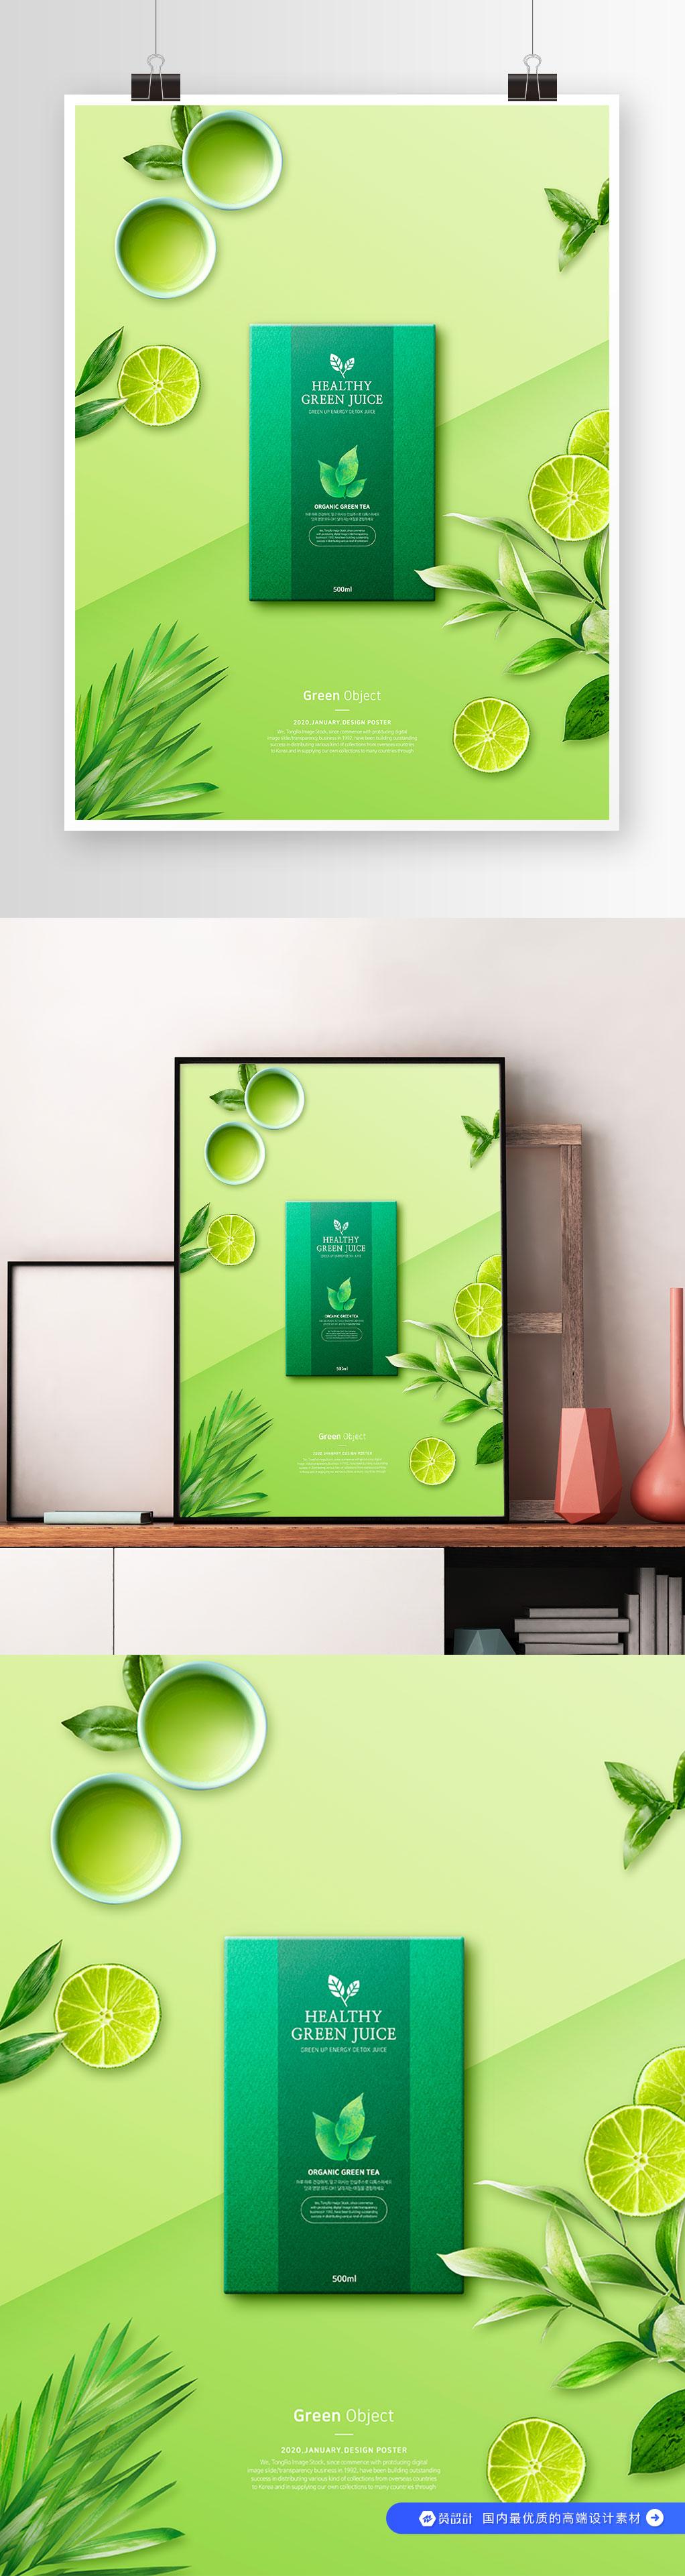 健康绿色的果汁促销海报广告模板